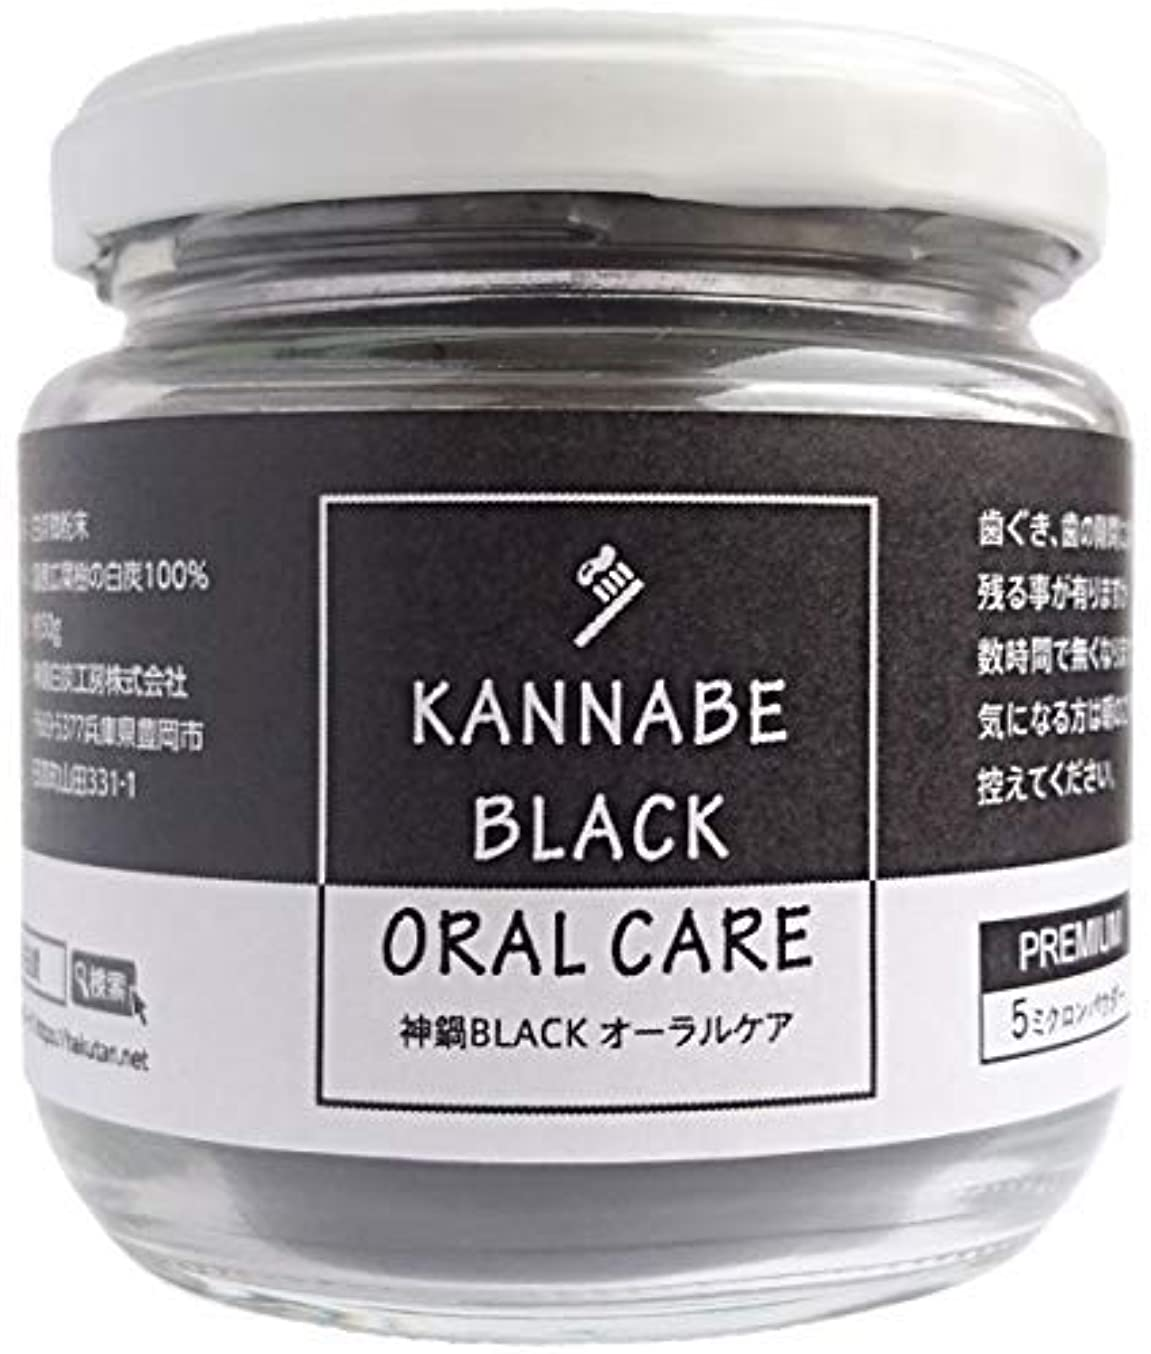 真実にロードブロッキング会議ホワイトニング オーラルケア 歯磨き 口臭 炭パウダー チャコール 5ミクロン 神鍋BLACK 独自白炭製法 50g